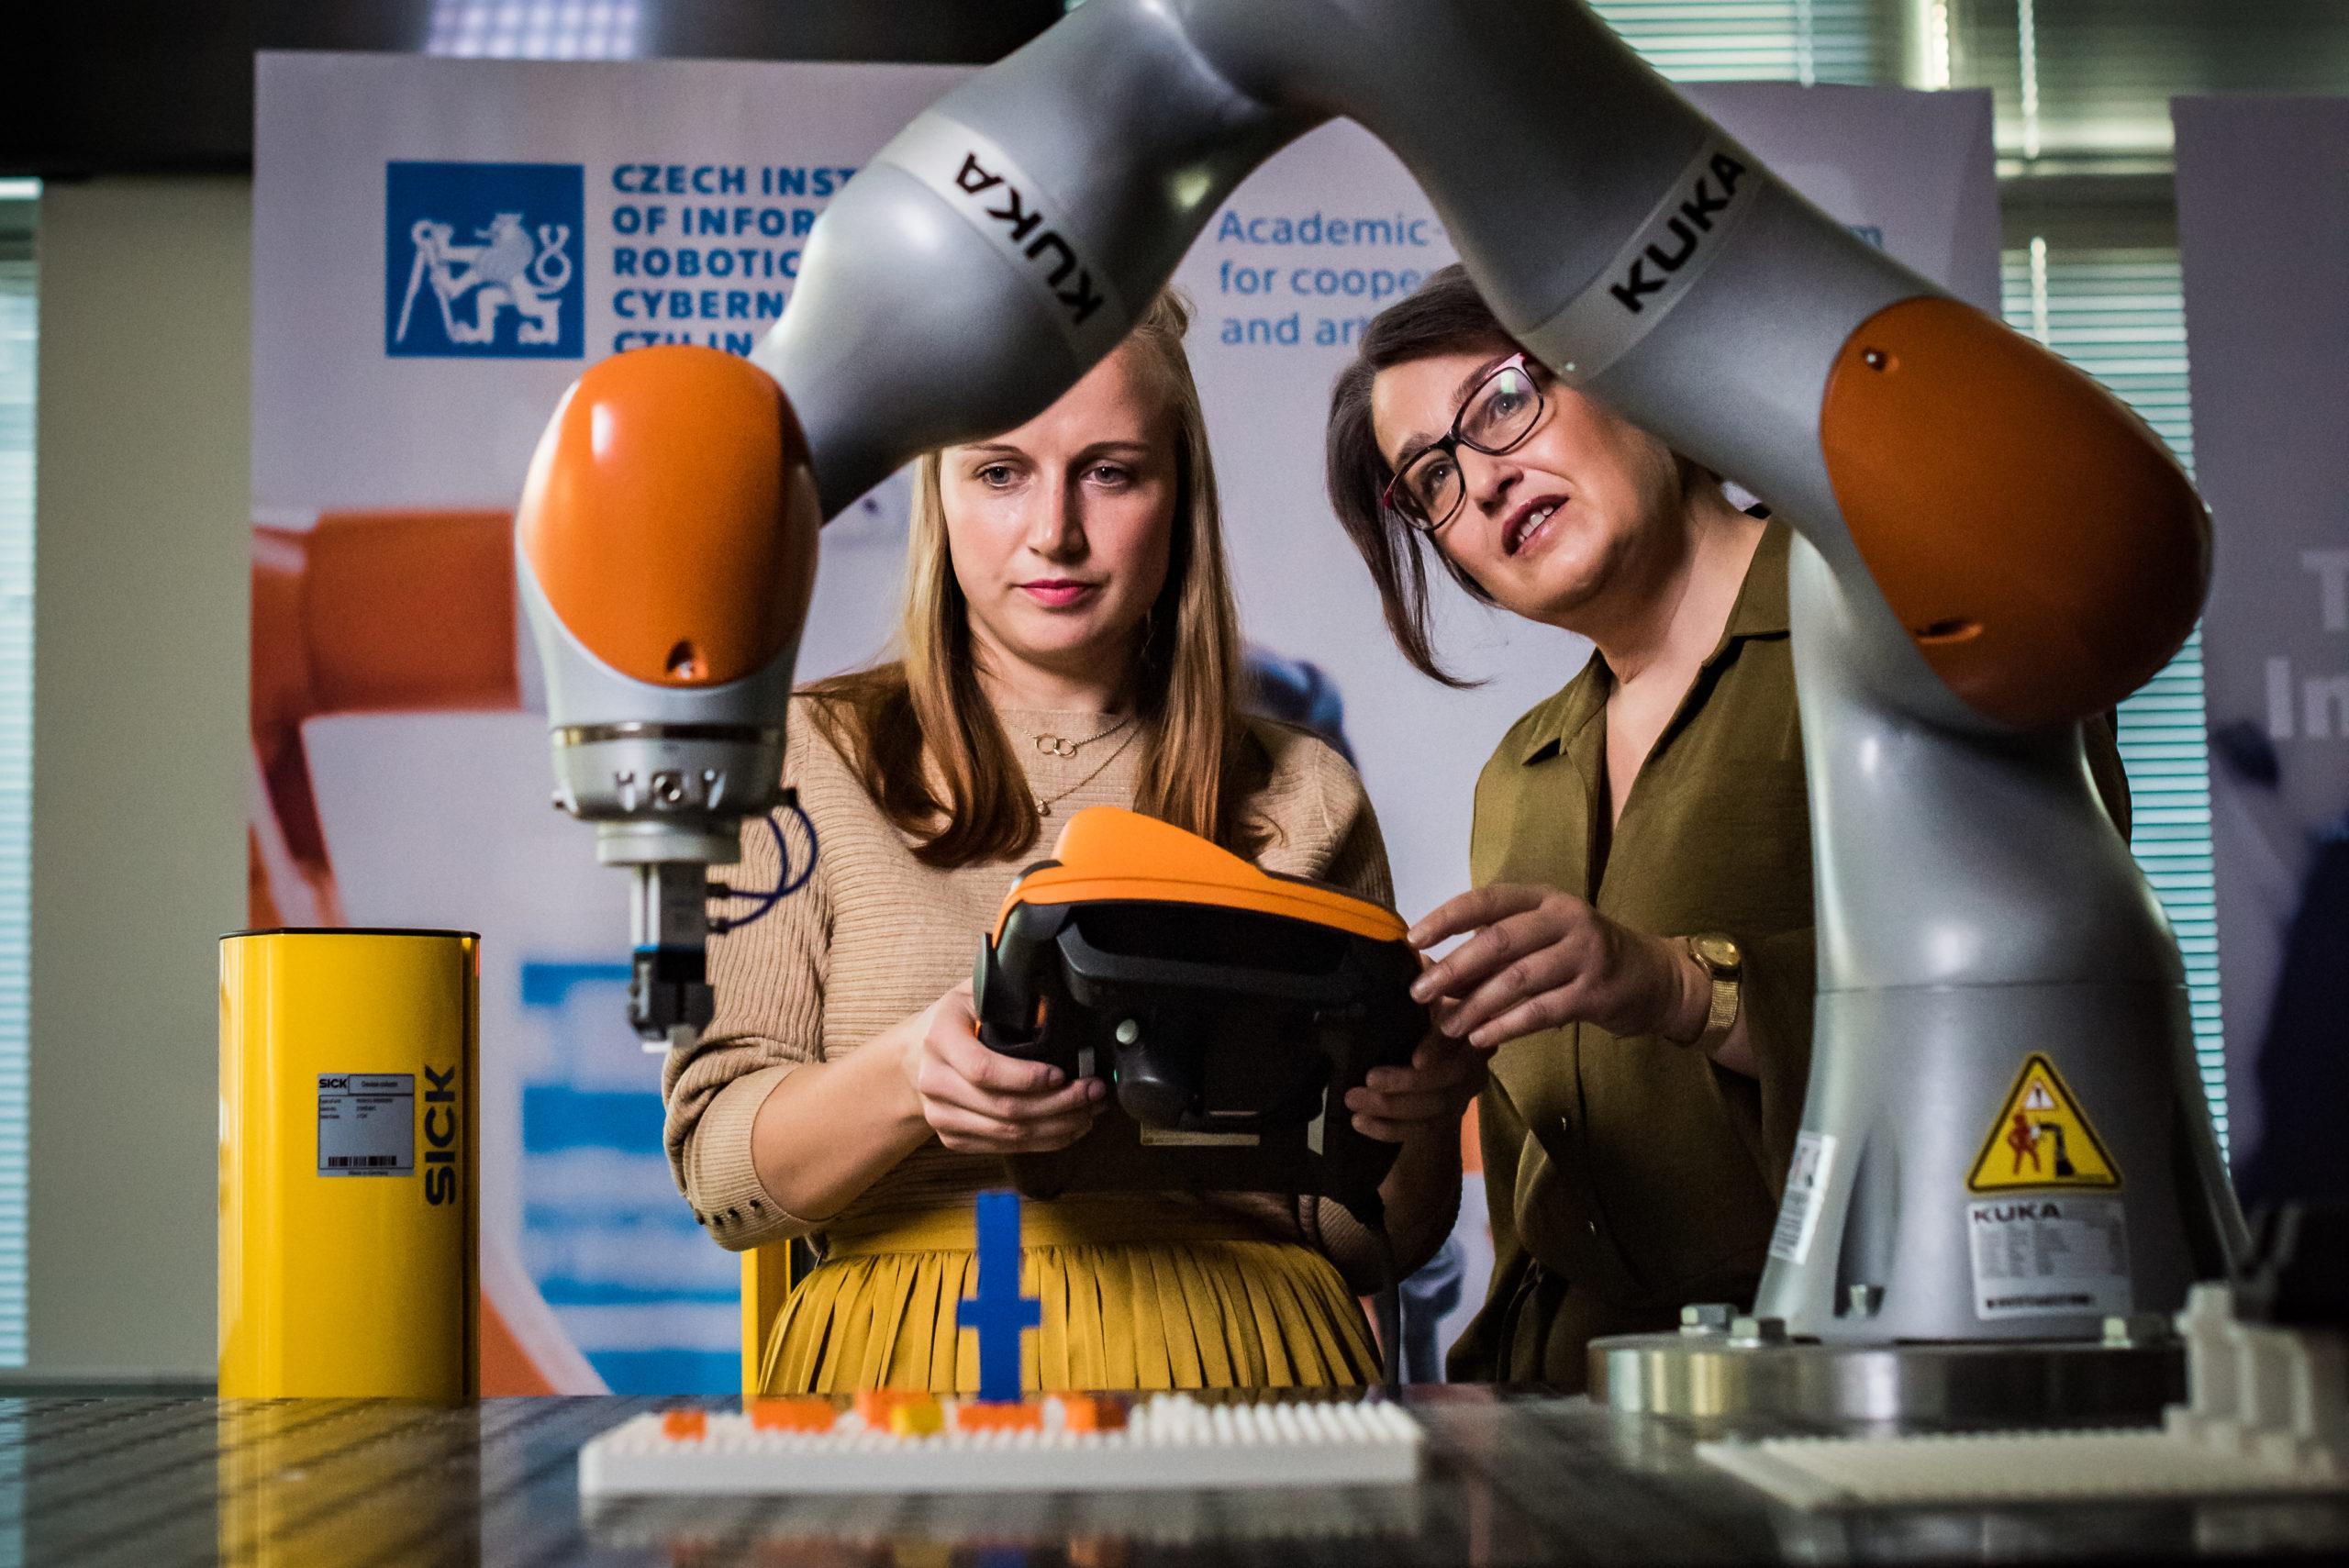 Štěpánka Baierlová (na snímku vpravo) se objevila v novém spotu české edice Global Teacher Prize se svou bývalou žákyní Jitkou Hodnou.